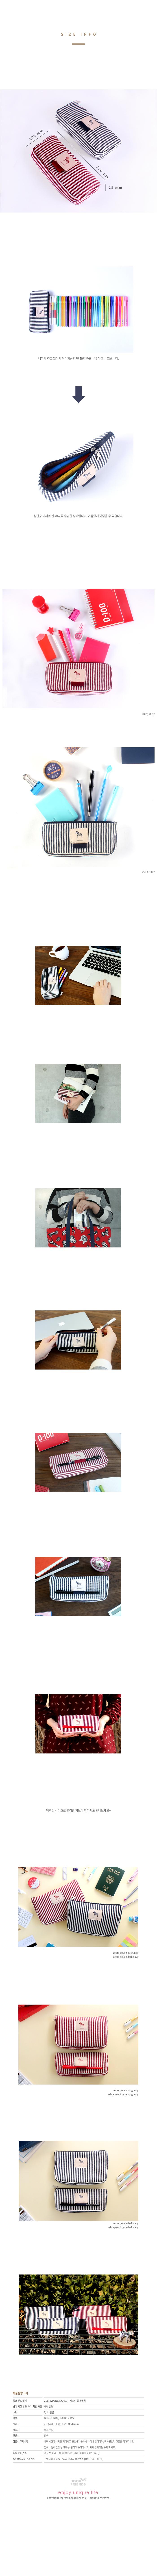 지브라 봉제 필통 - 북프렌즈, 6,800원, 패브릭필통, 패턴